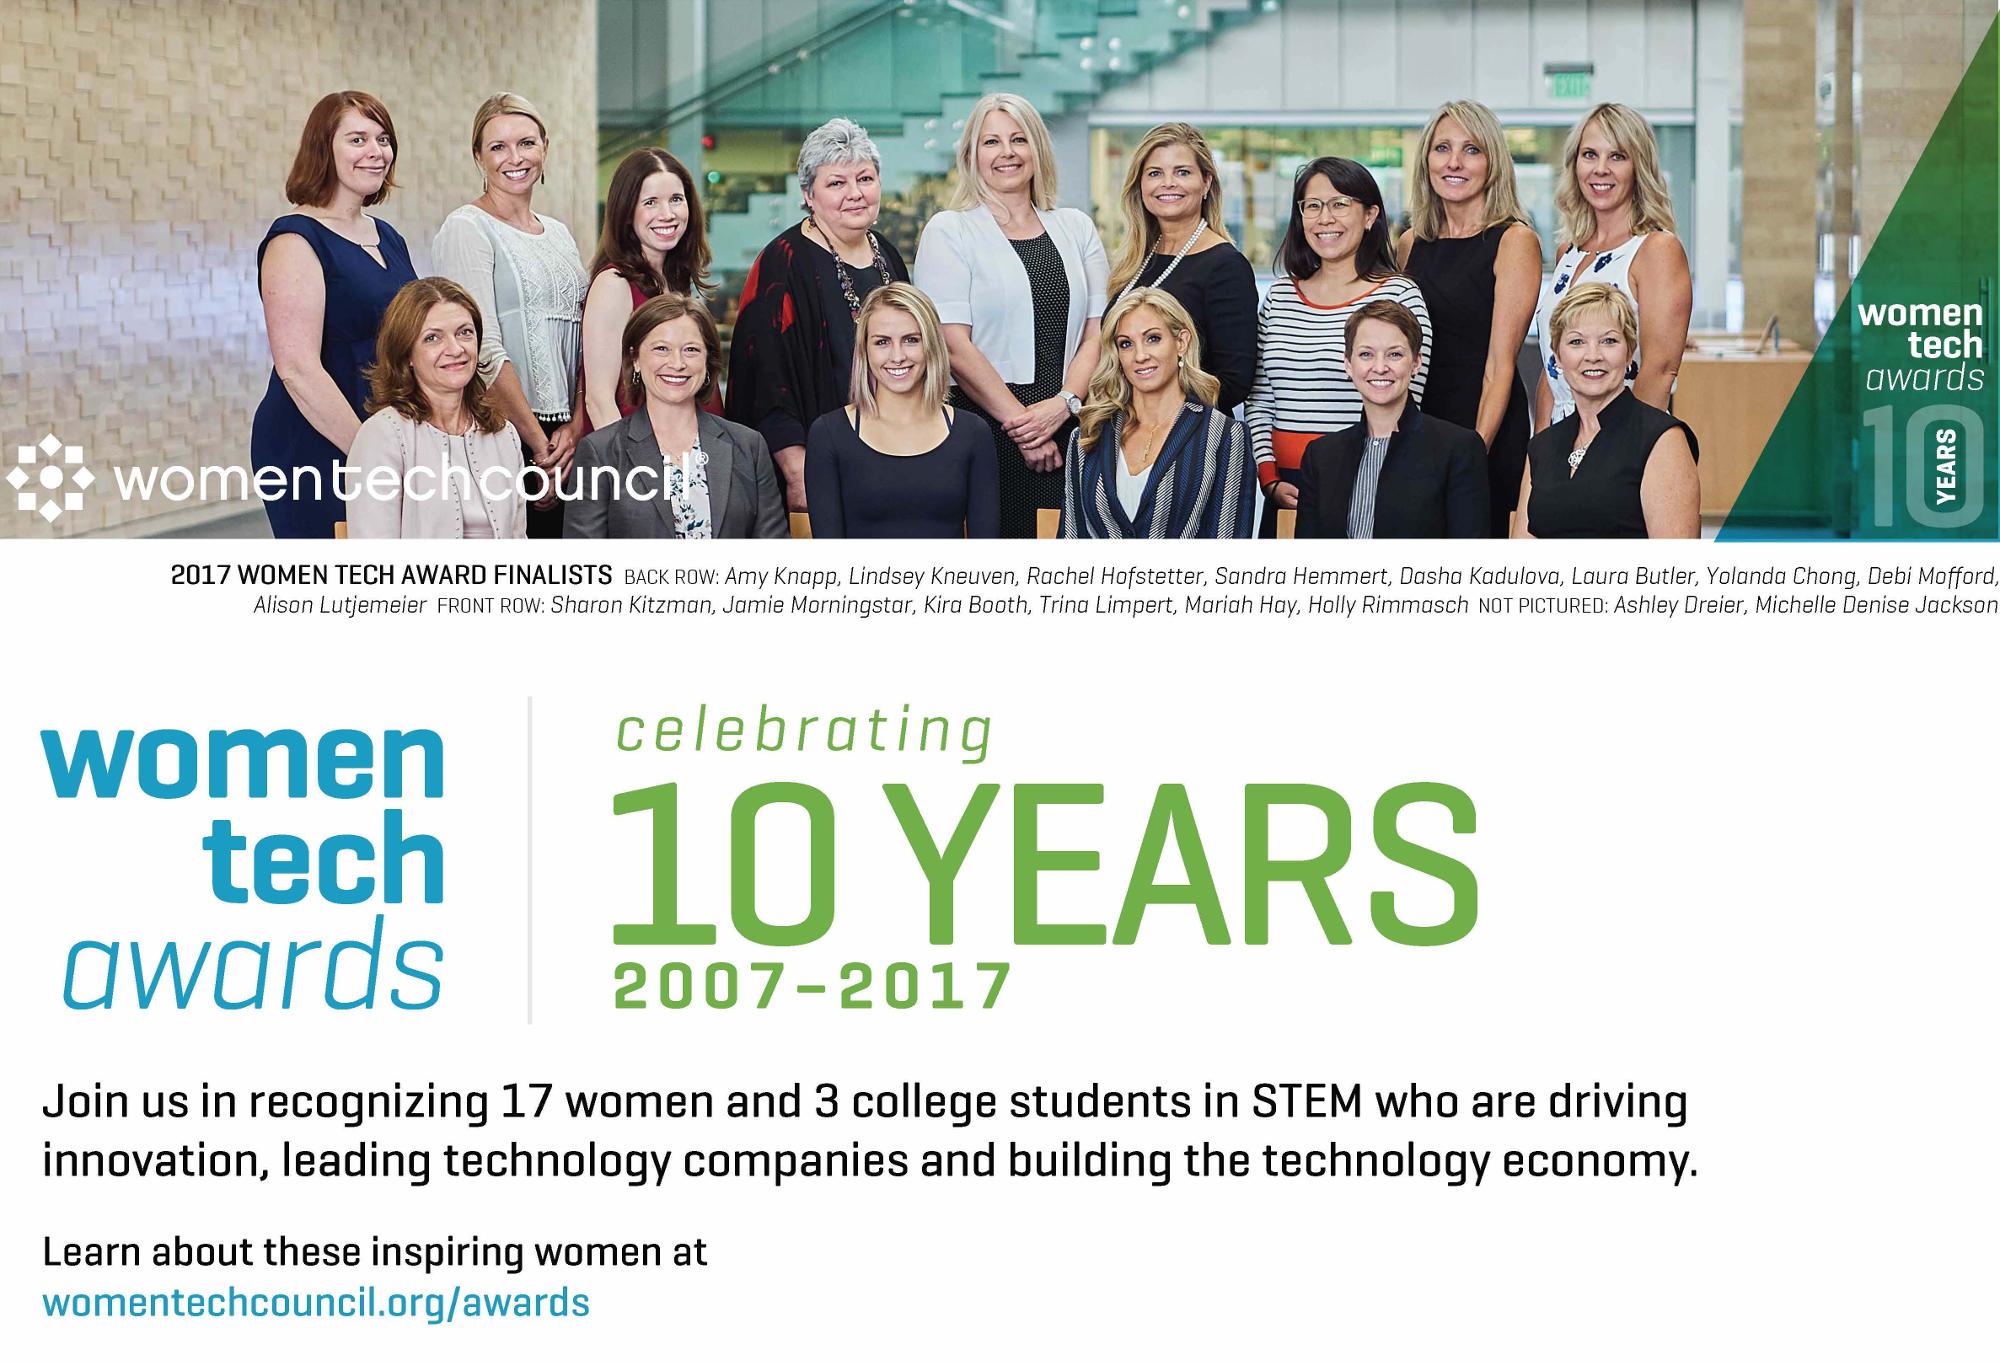 women_tech_awards_onepager_final-2000-top